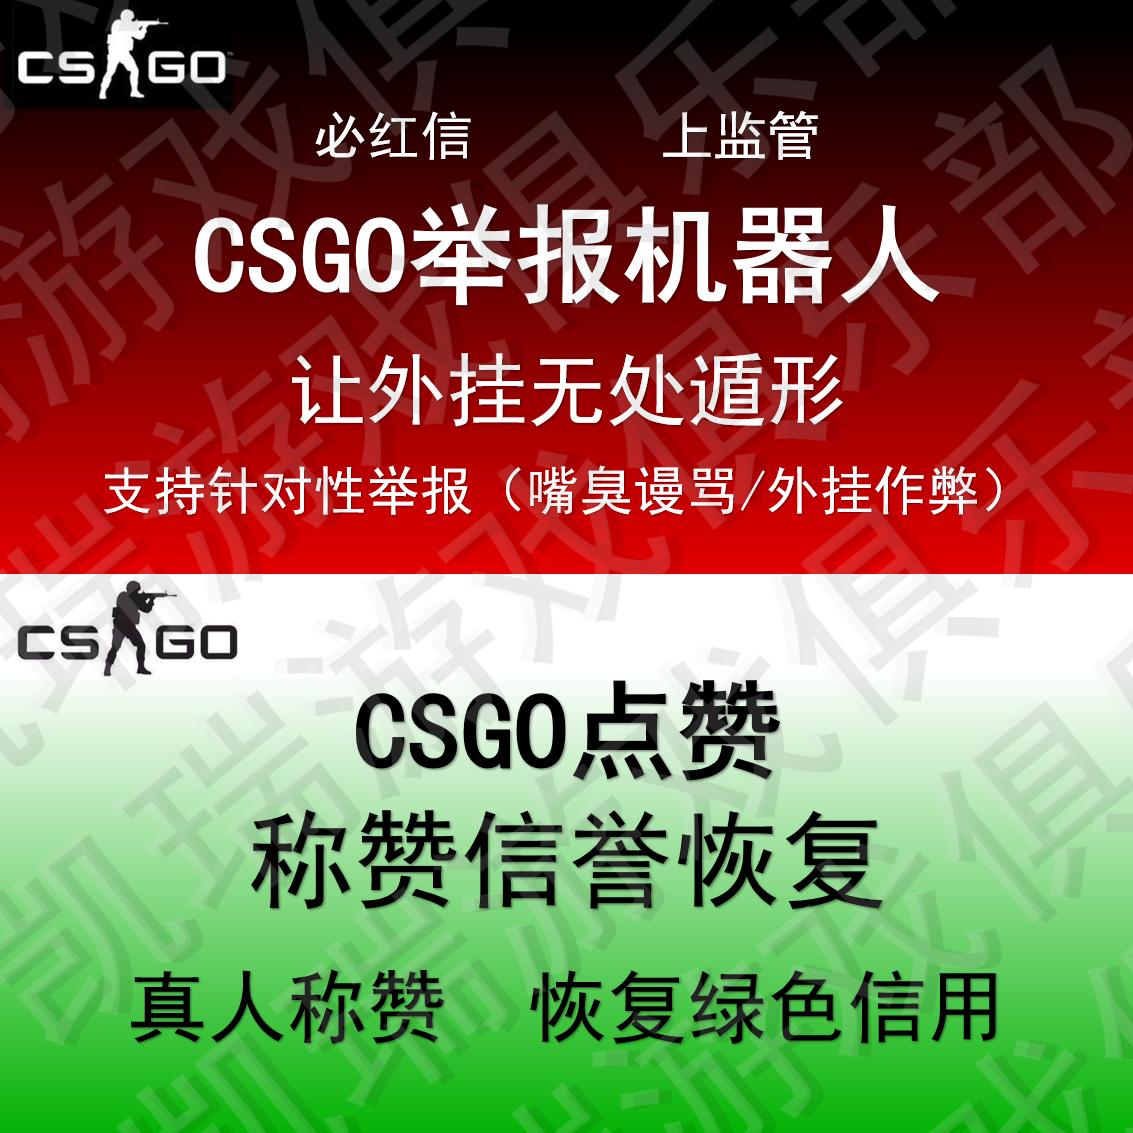 csgo点赞举报箱子红信变绿/csgo恢复机器人信用上v箱子账号刀钥匙